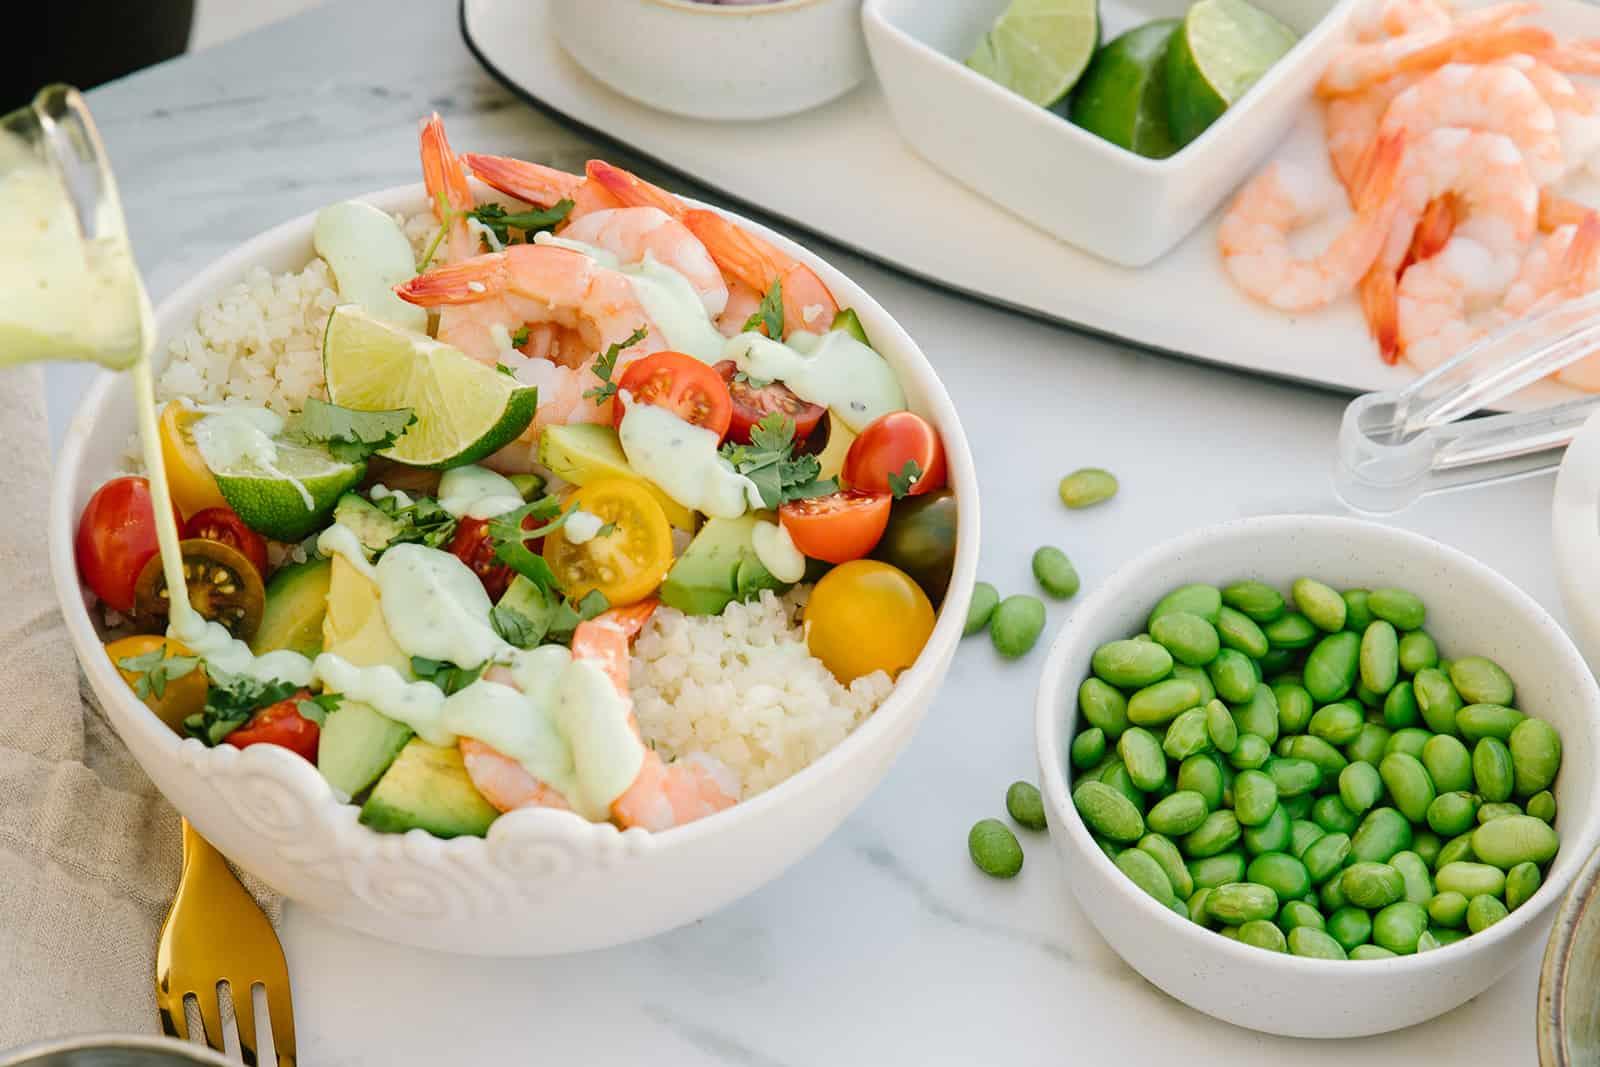 Shrimp avocado Buddha bowl with cilantro lime crema